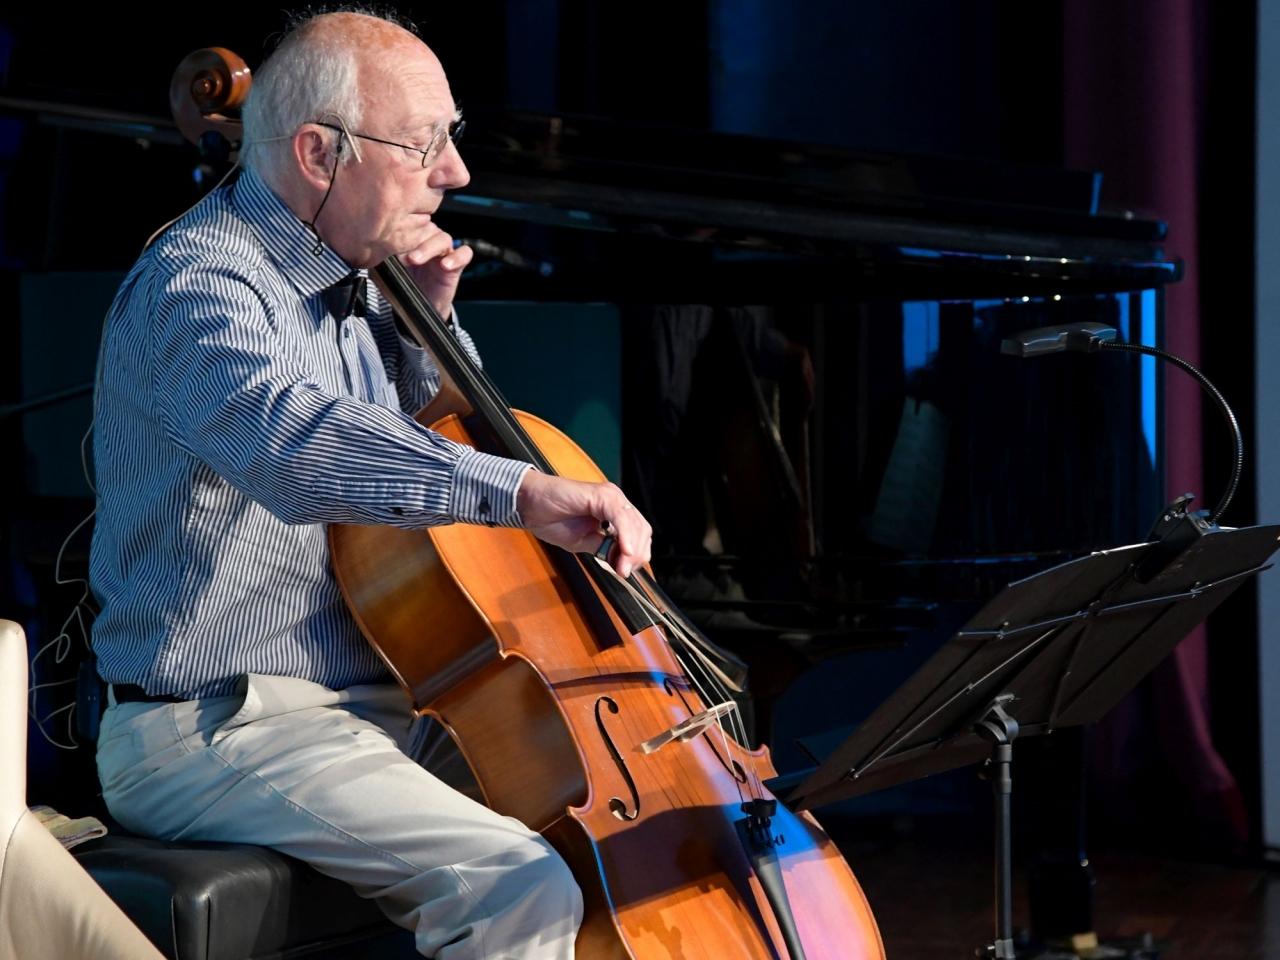 Ein älterer Herr mit einem Musikinstrument